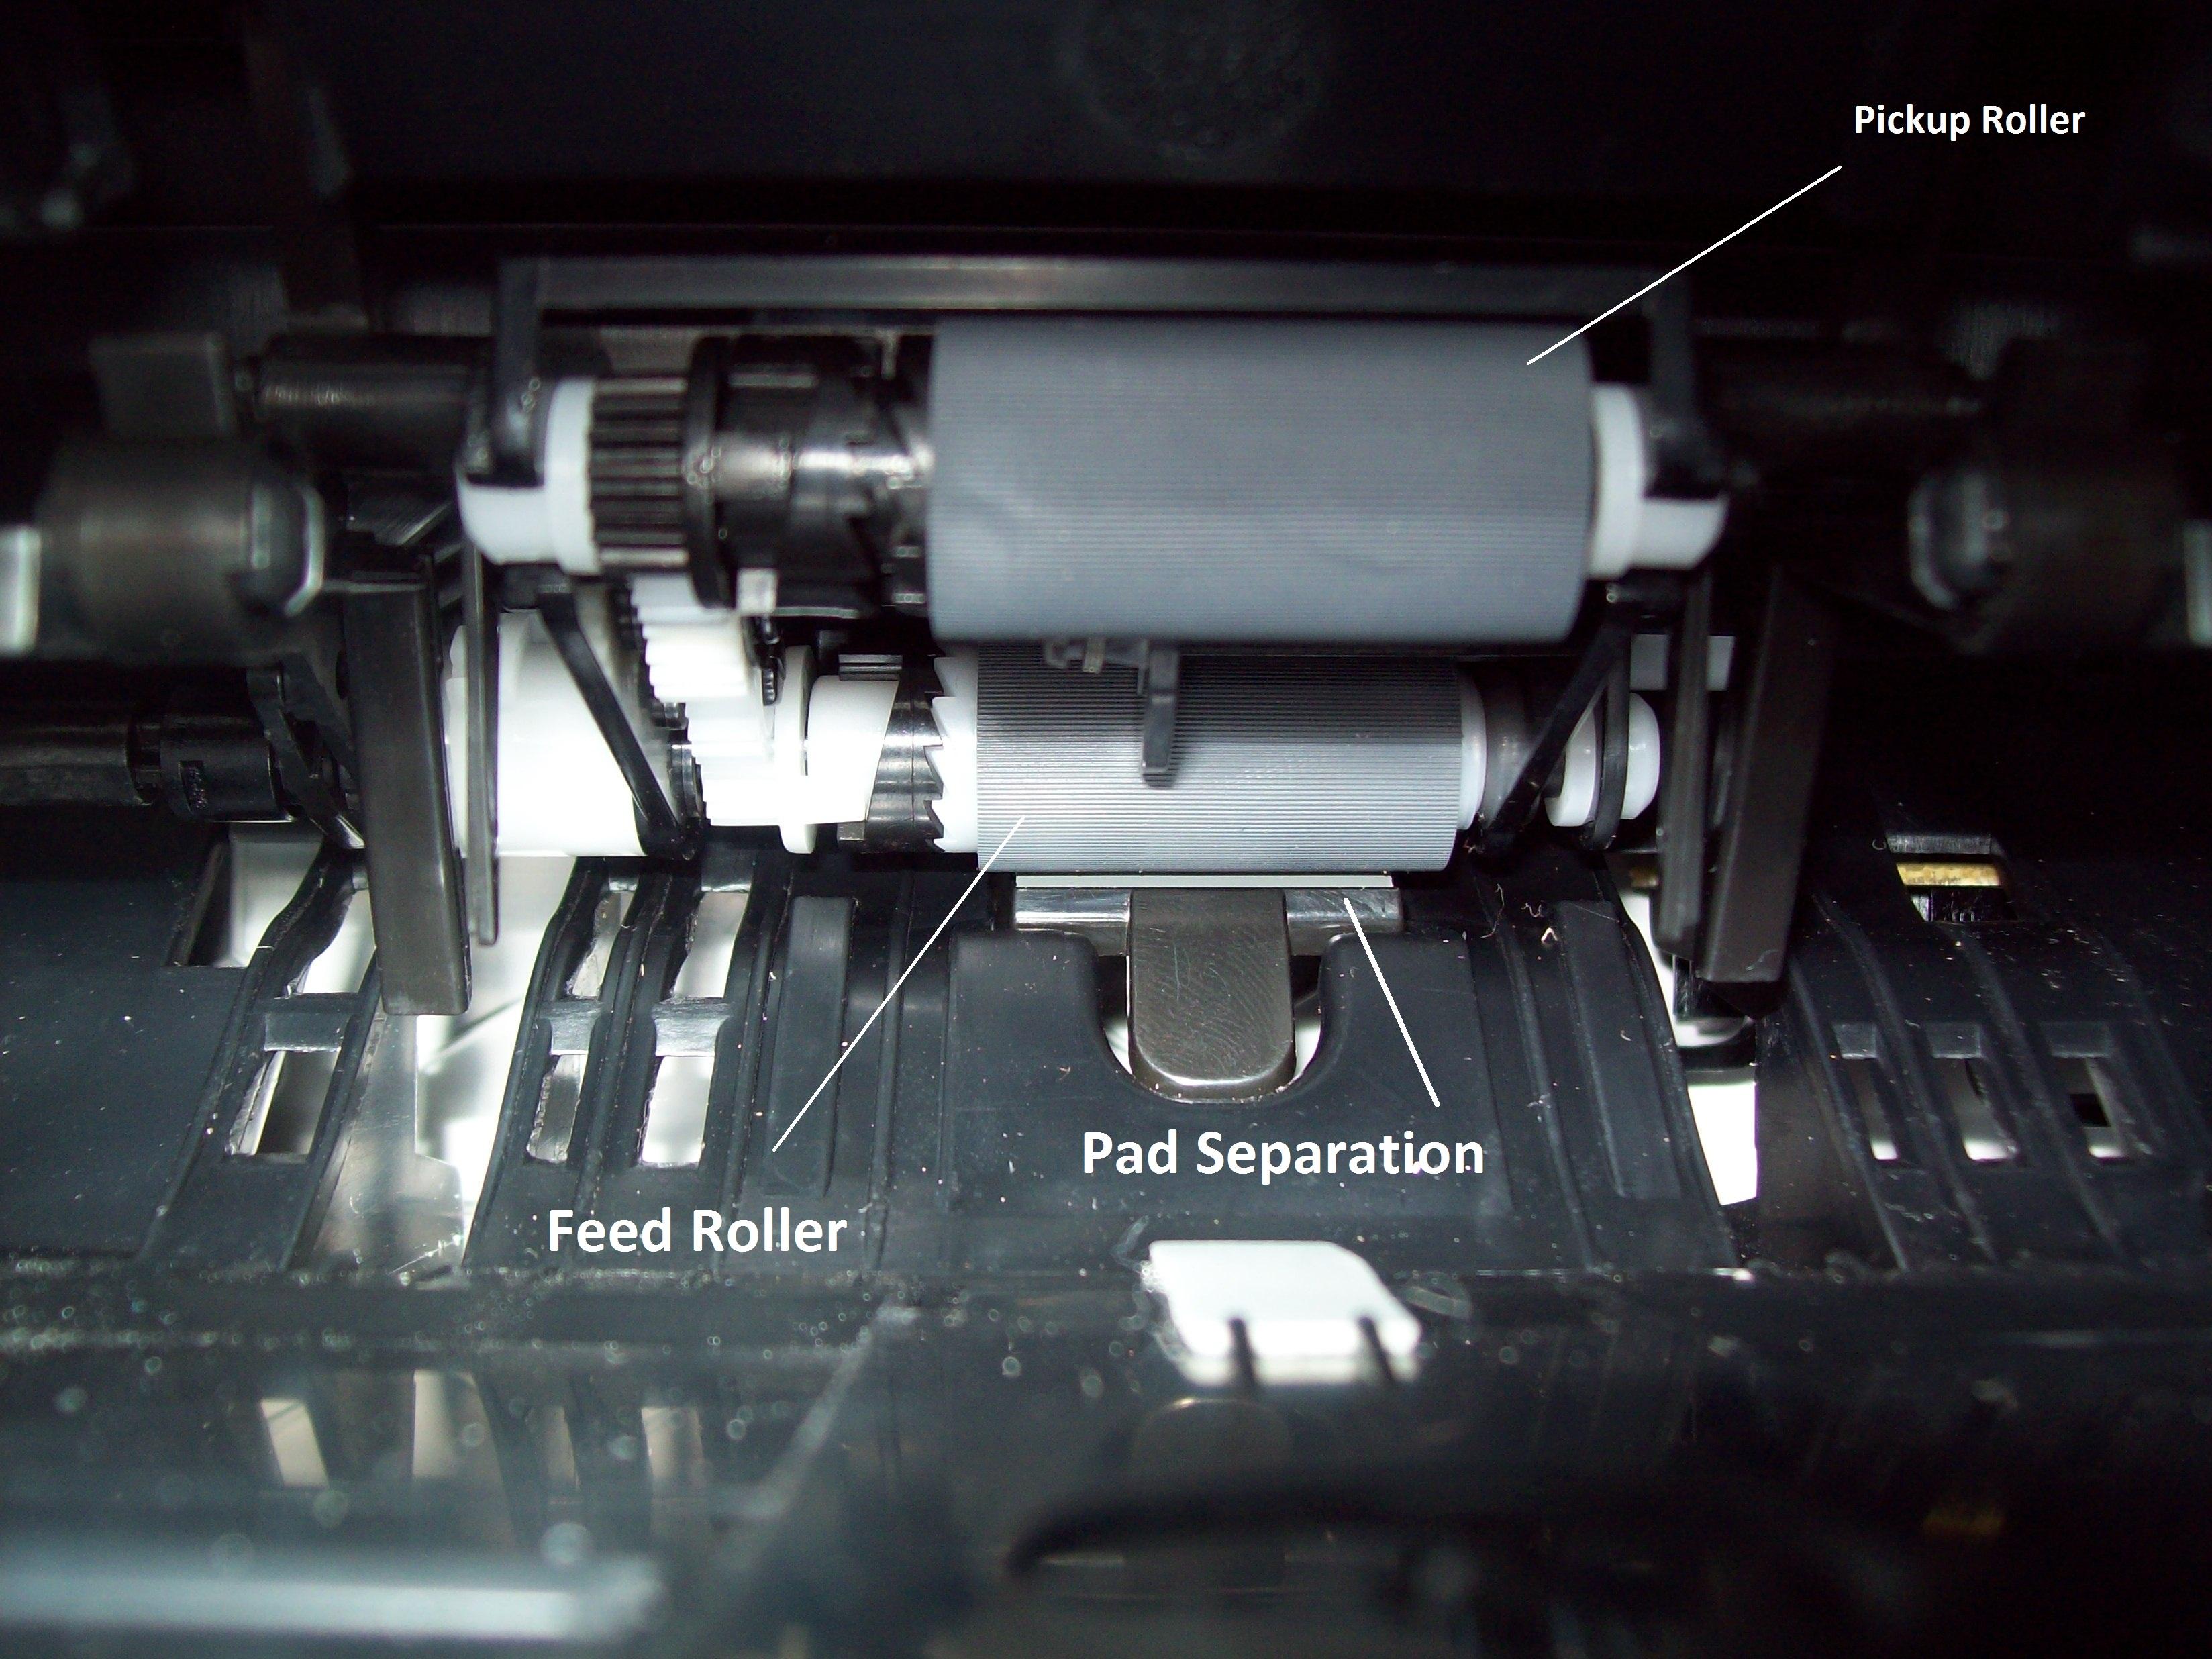 Esta series de impresoras trae un eficiente sistema de recolección de papel.